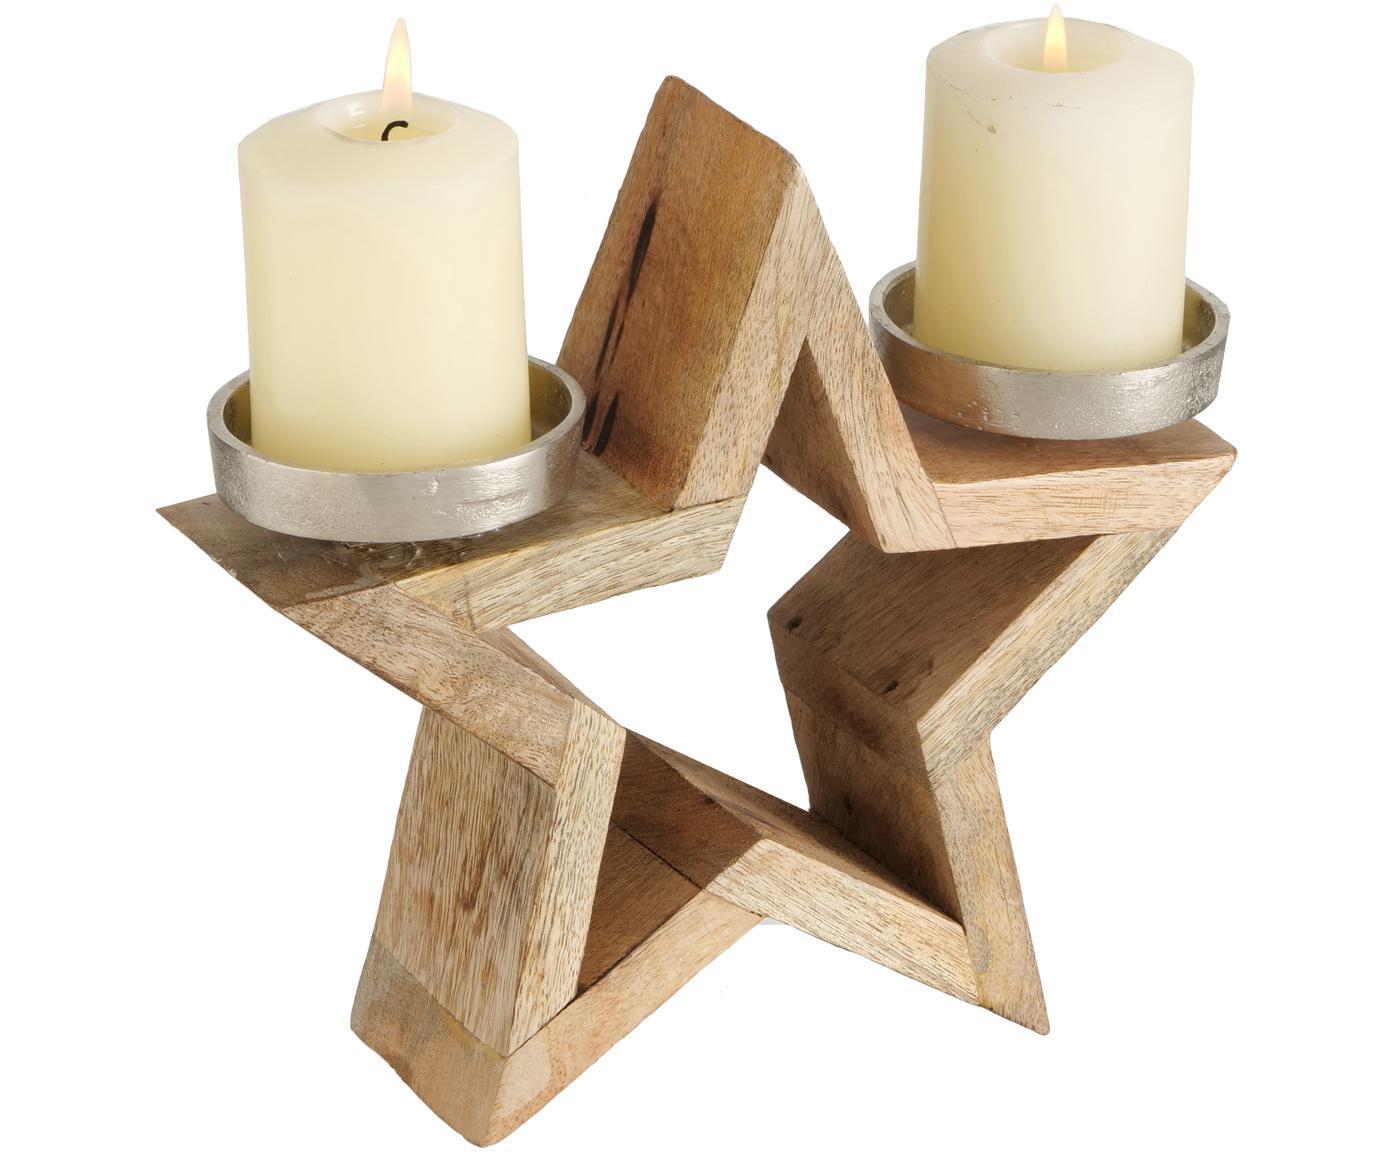 Świecznik Lavigna, Drewno mangowe, aluminium, niklowany, Drewno mangowe, nikiel, S 24 x W 22 cm